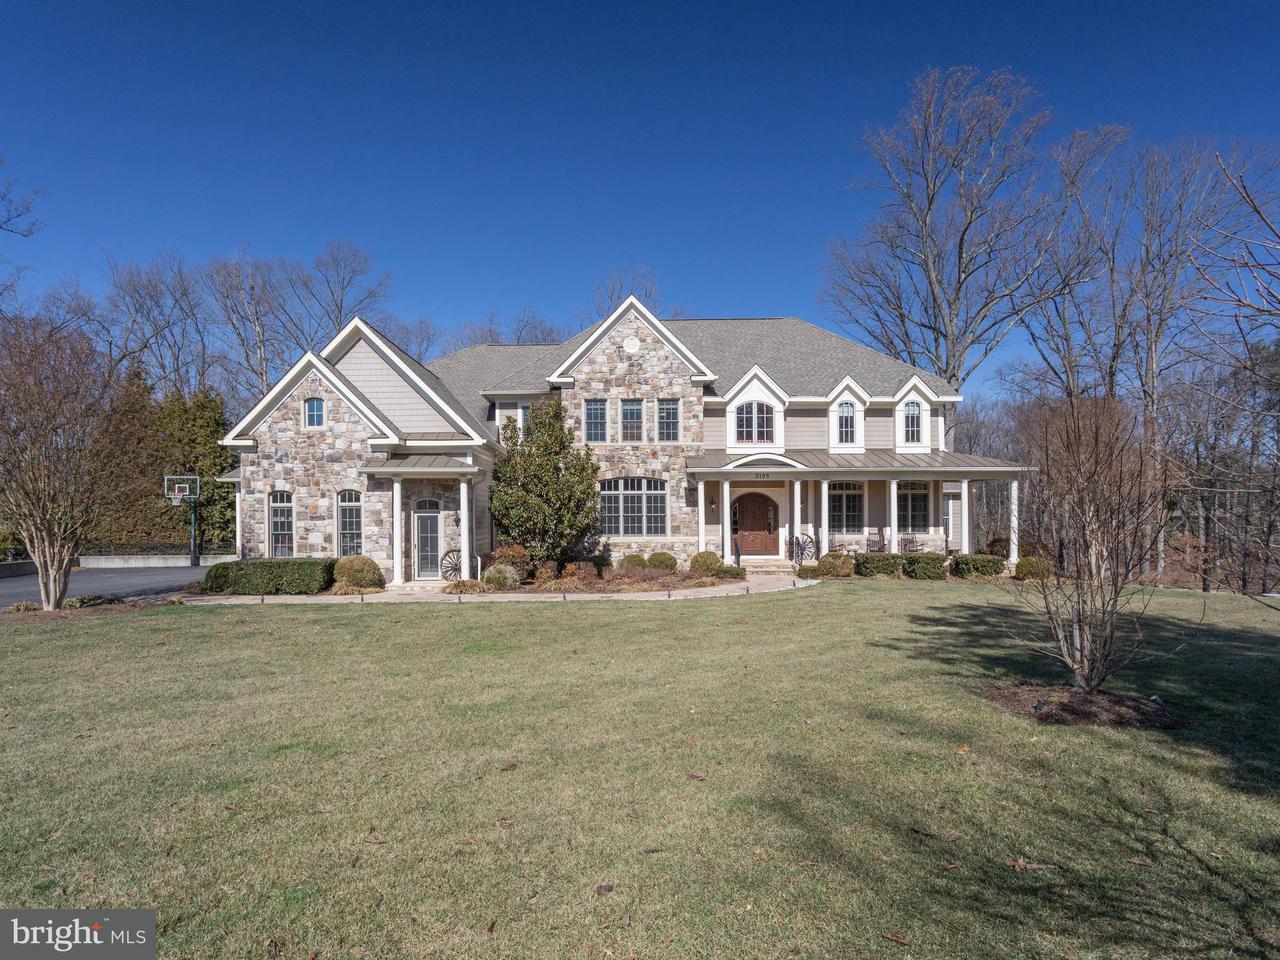 Частный односемейный дом для того Продажа на 3195 Ariana Drive 3195 Ariana Drive Oakton, Виргиния 22124 Соединенные Штаты